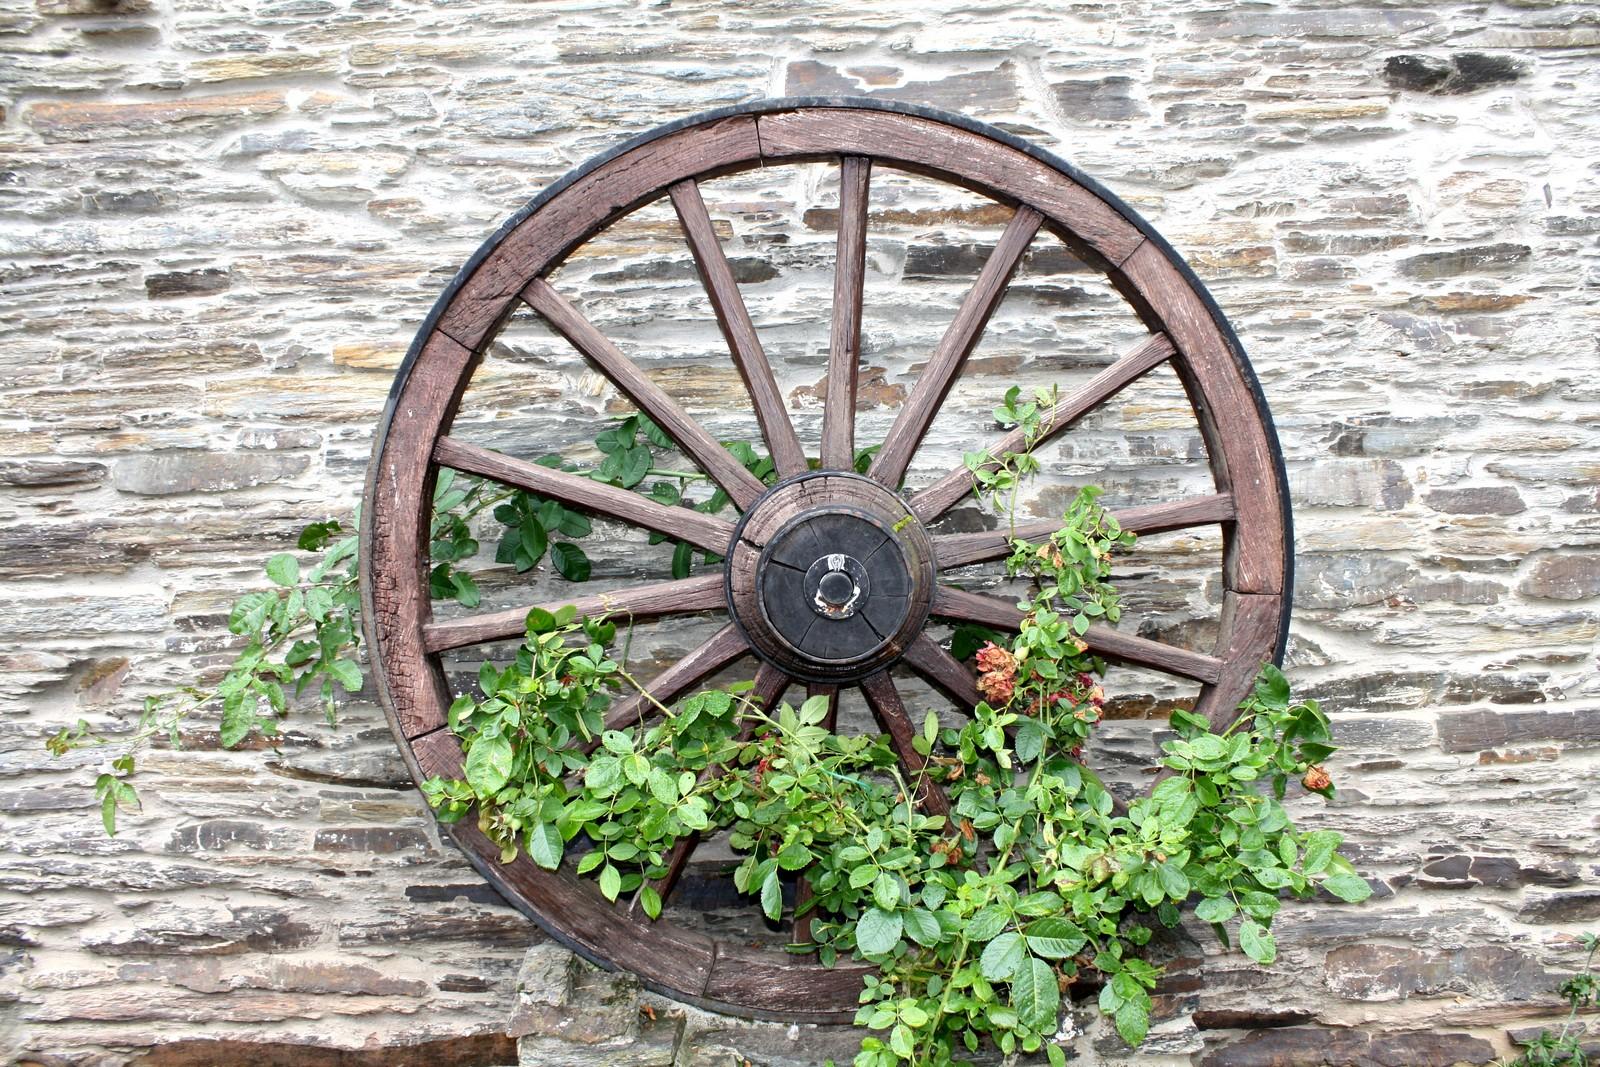 une vieille roue